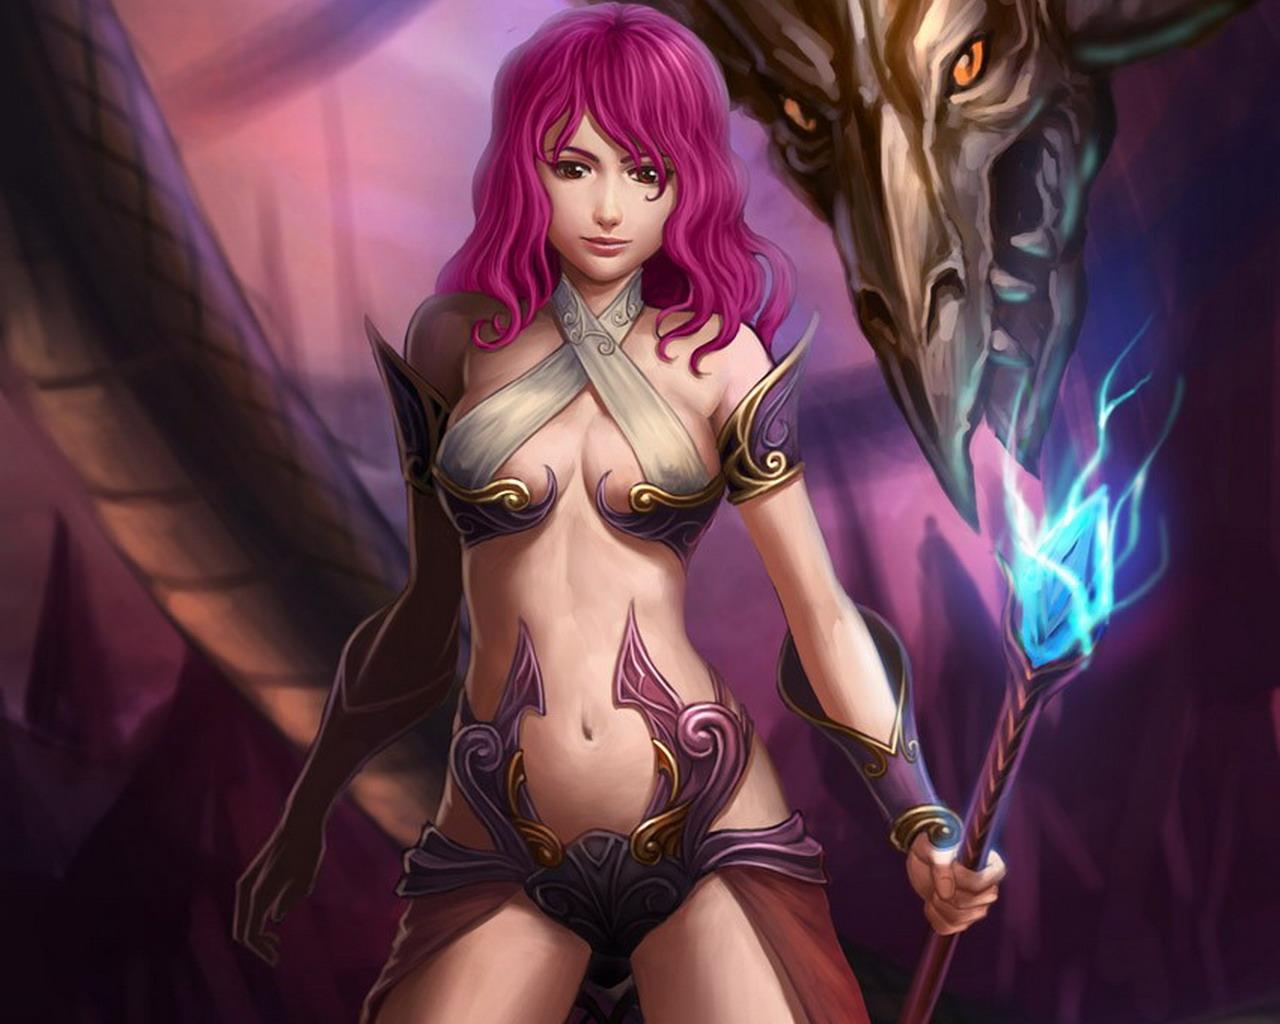 Nude fantasy mage sex movies